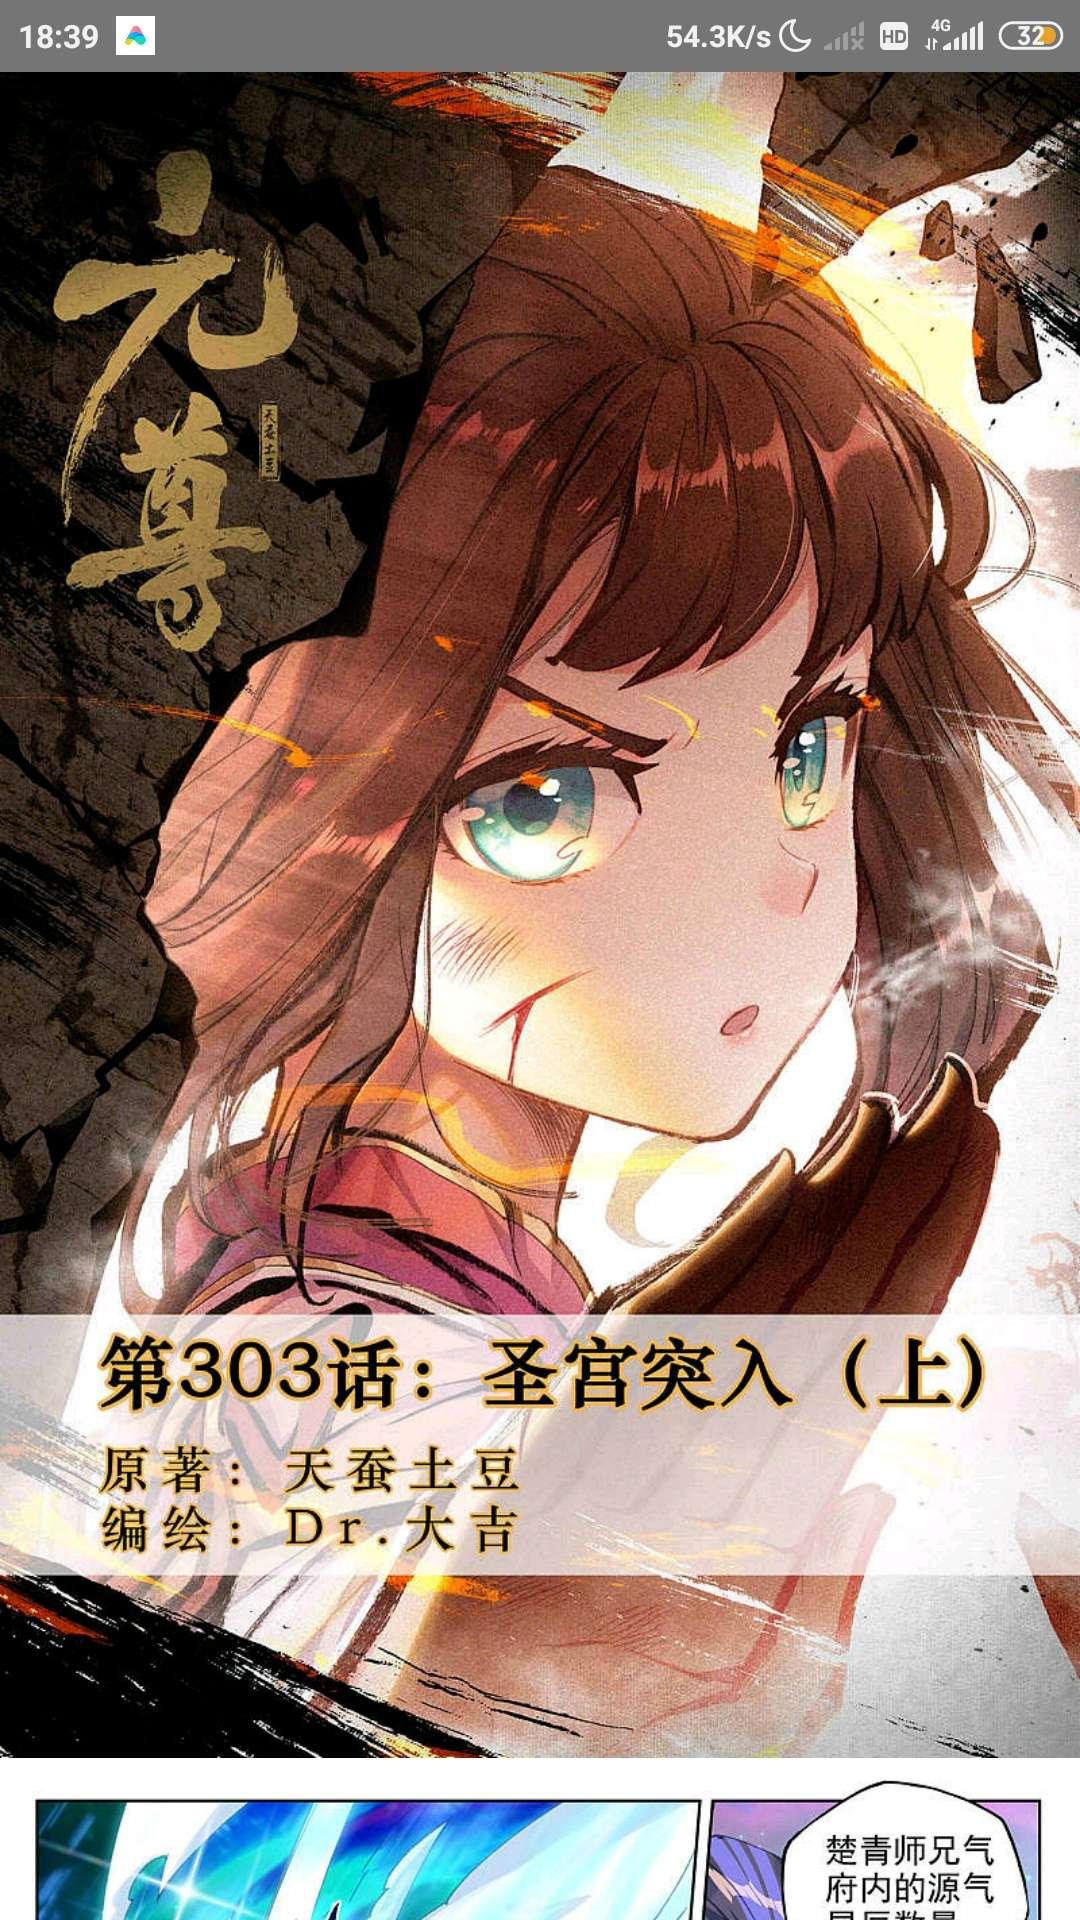 【漫画更新】元尊  303圣宫突入(上)-小柚妹站